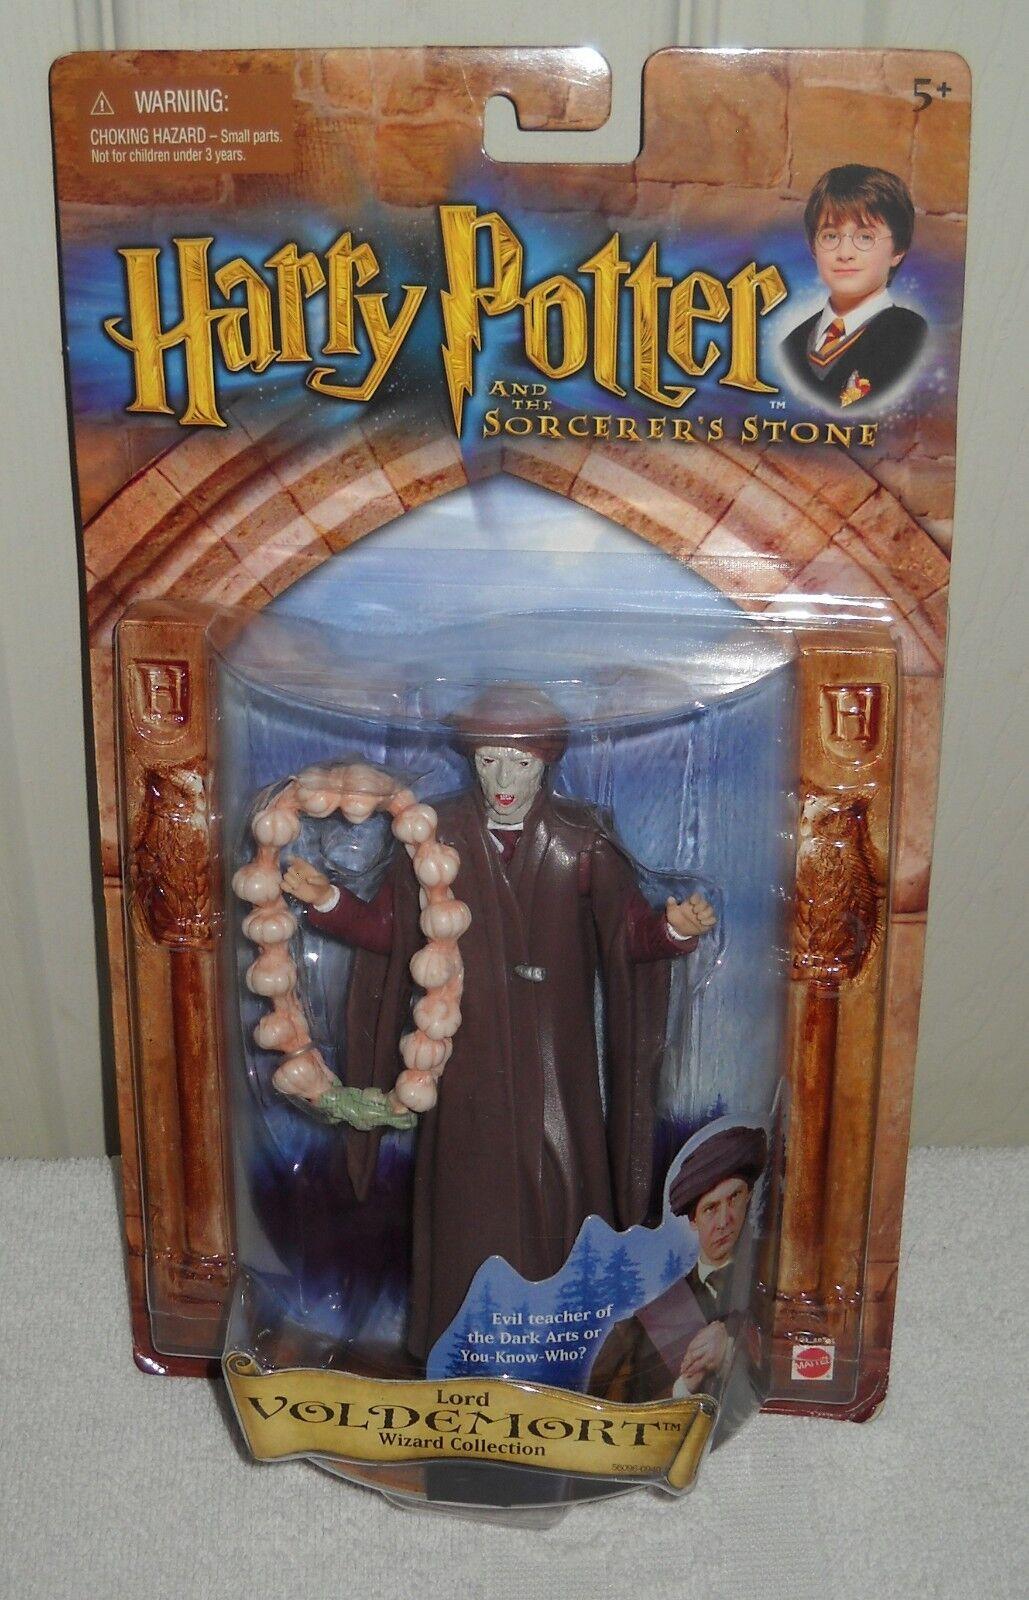 9892 nrfc Mattel asistente de Harry Potter Colección Lord Voldemort Figura De Acción